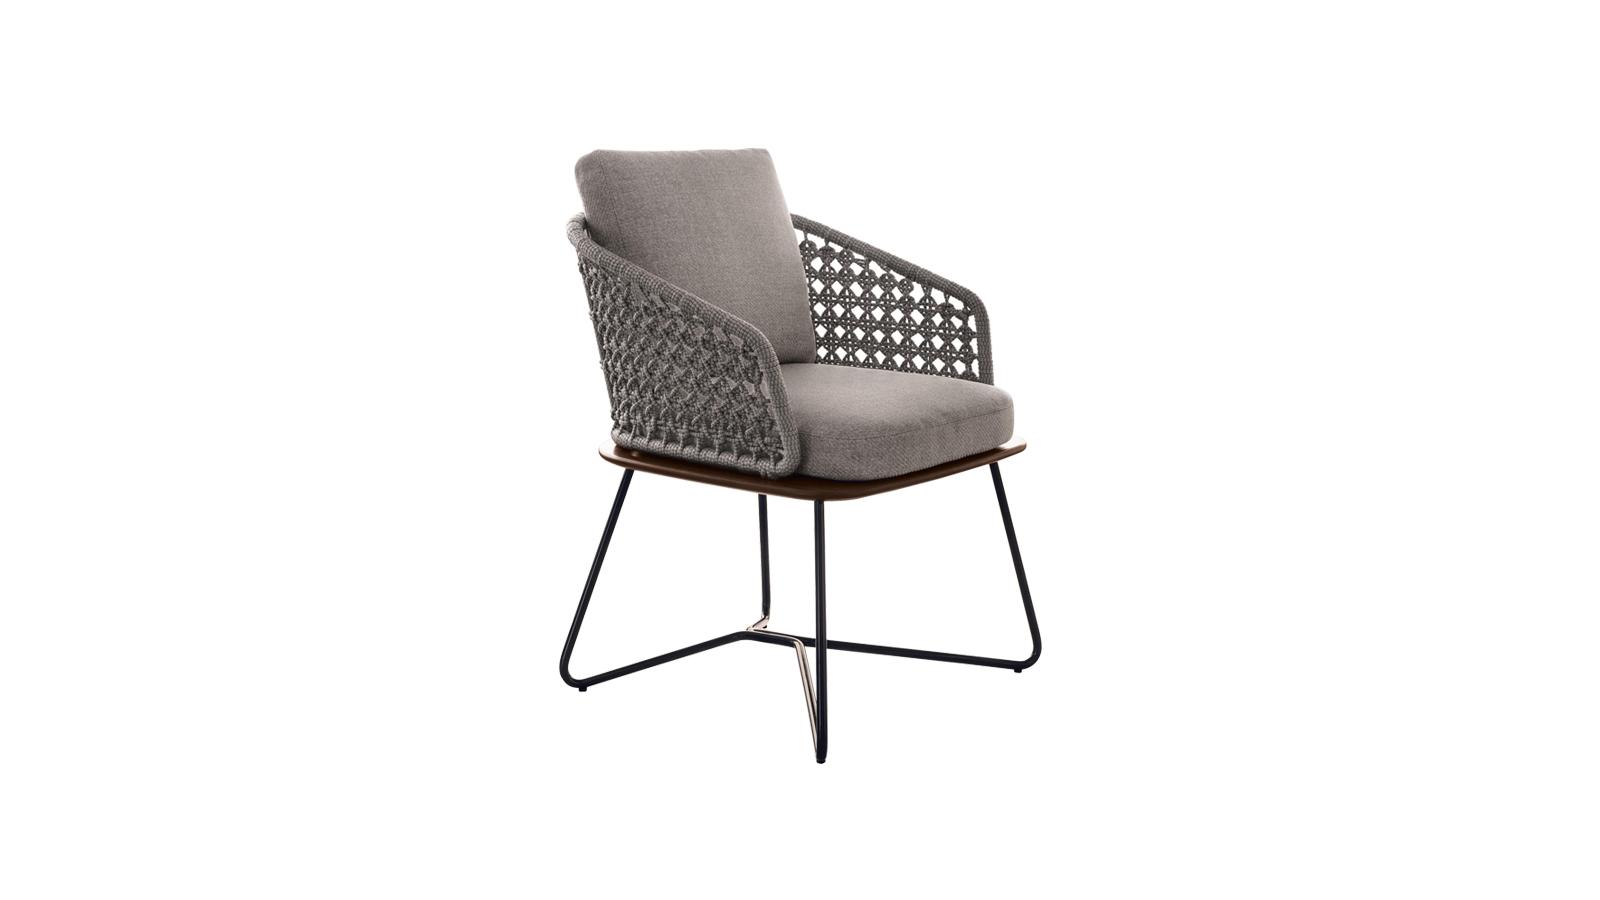 A Rivera kollekció a retro elegancia kortárs értelmezését nyújta egy kis mediterrán csavarral. A designt az a szándék vezérli, hogy kontrasztokkal és egyedülálló anyagkombinációkkal kísérletezzen, mely végül a kültéri terek meghitt és otthonos kellékkévé varázsolja a bútorokat. A Rivera kollekció két- és háromüléses kanapét, foteleket, puffot, dohányzóasztalt és széket tartalmaz, amelyek meghatározzák a retro eleganciát a mai nyelven, és innovatív anyagok felhasználásával idézik elő a meleg, tipikusan mediterrán környezetre emlékeztető érzéseket, akár tóparton, verandán vagy tengerre néző teraszon üldögélünk.